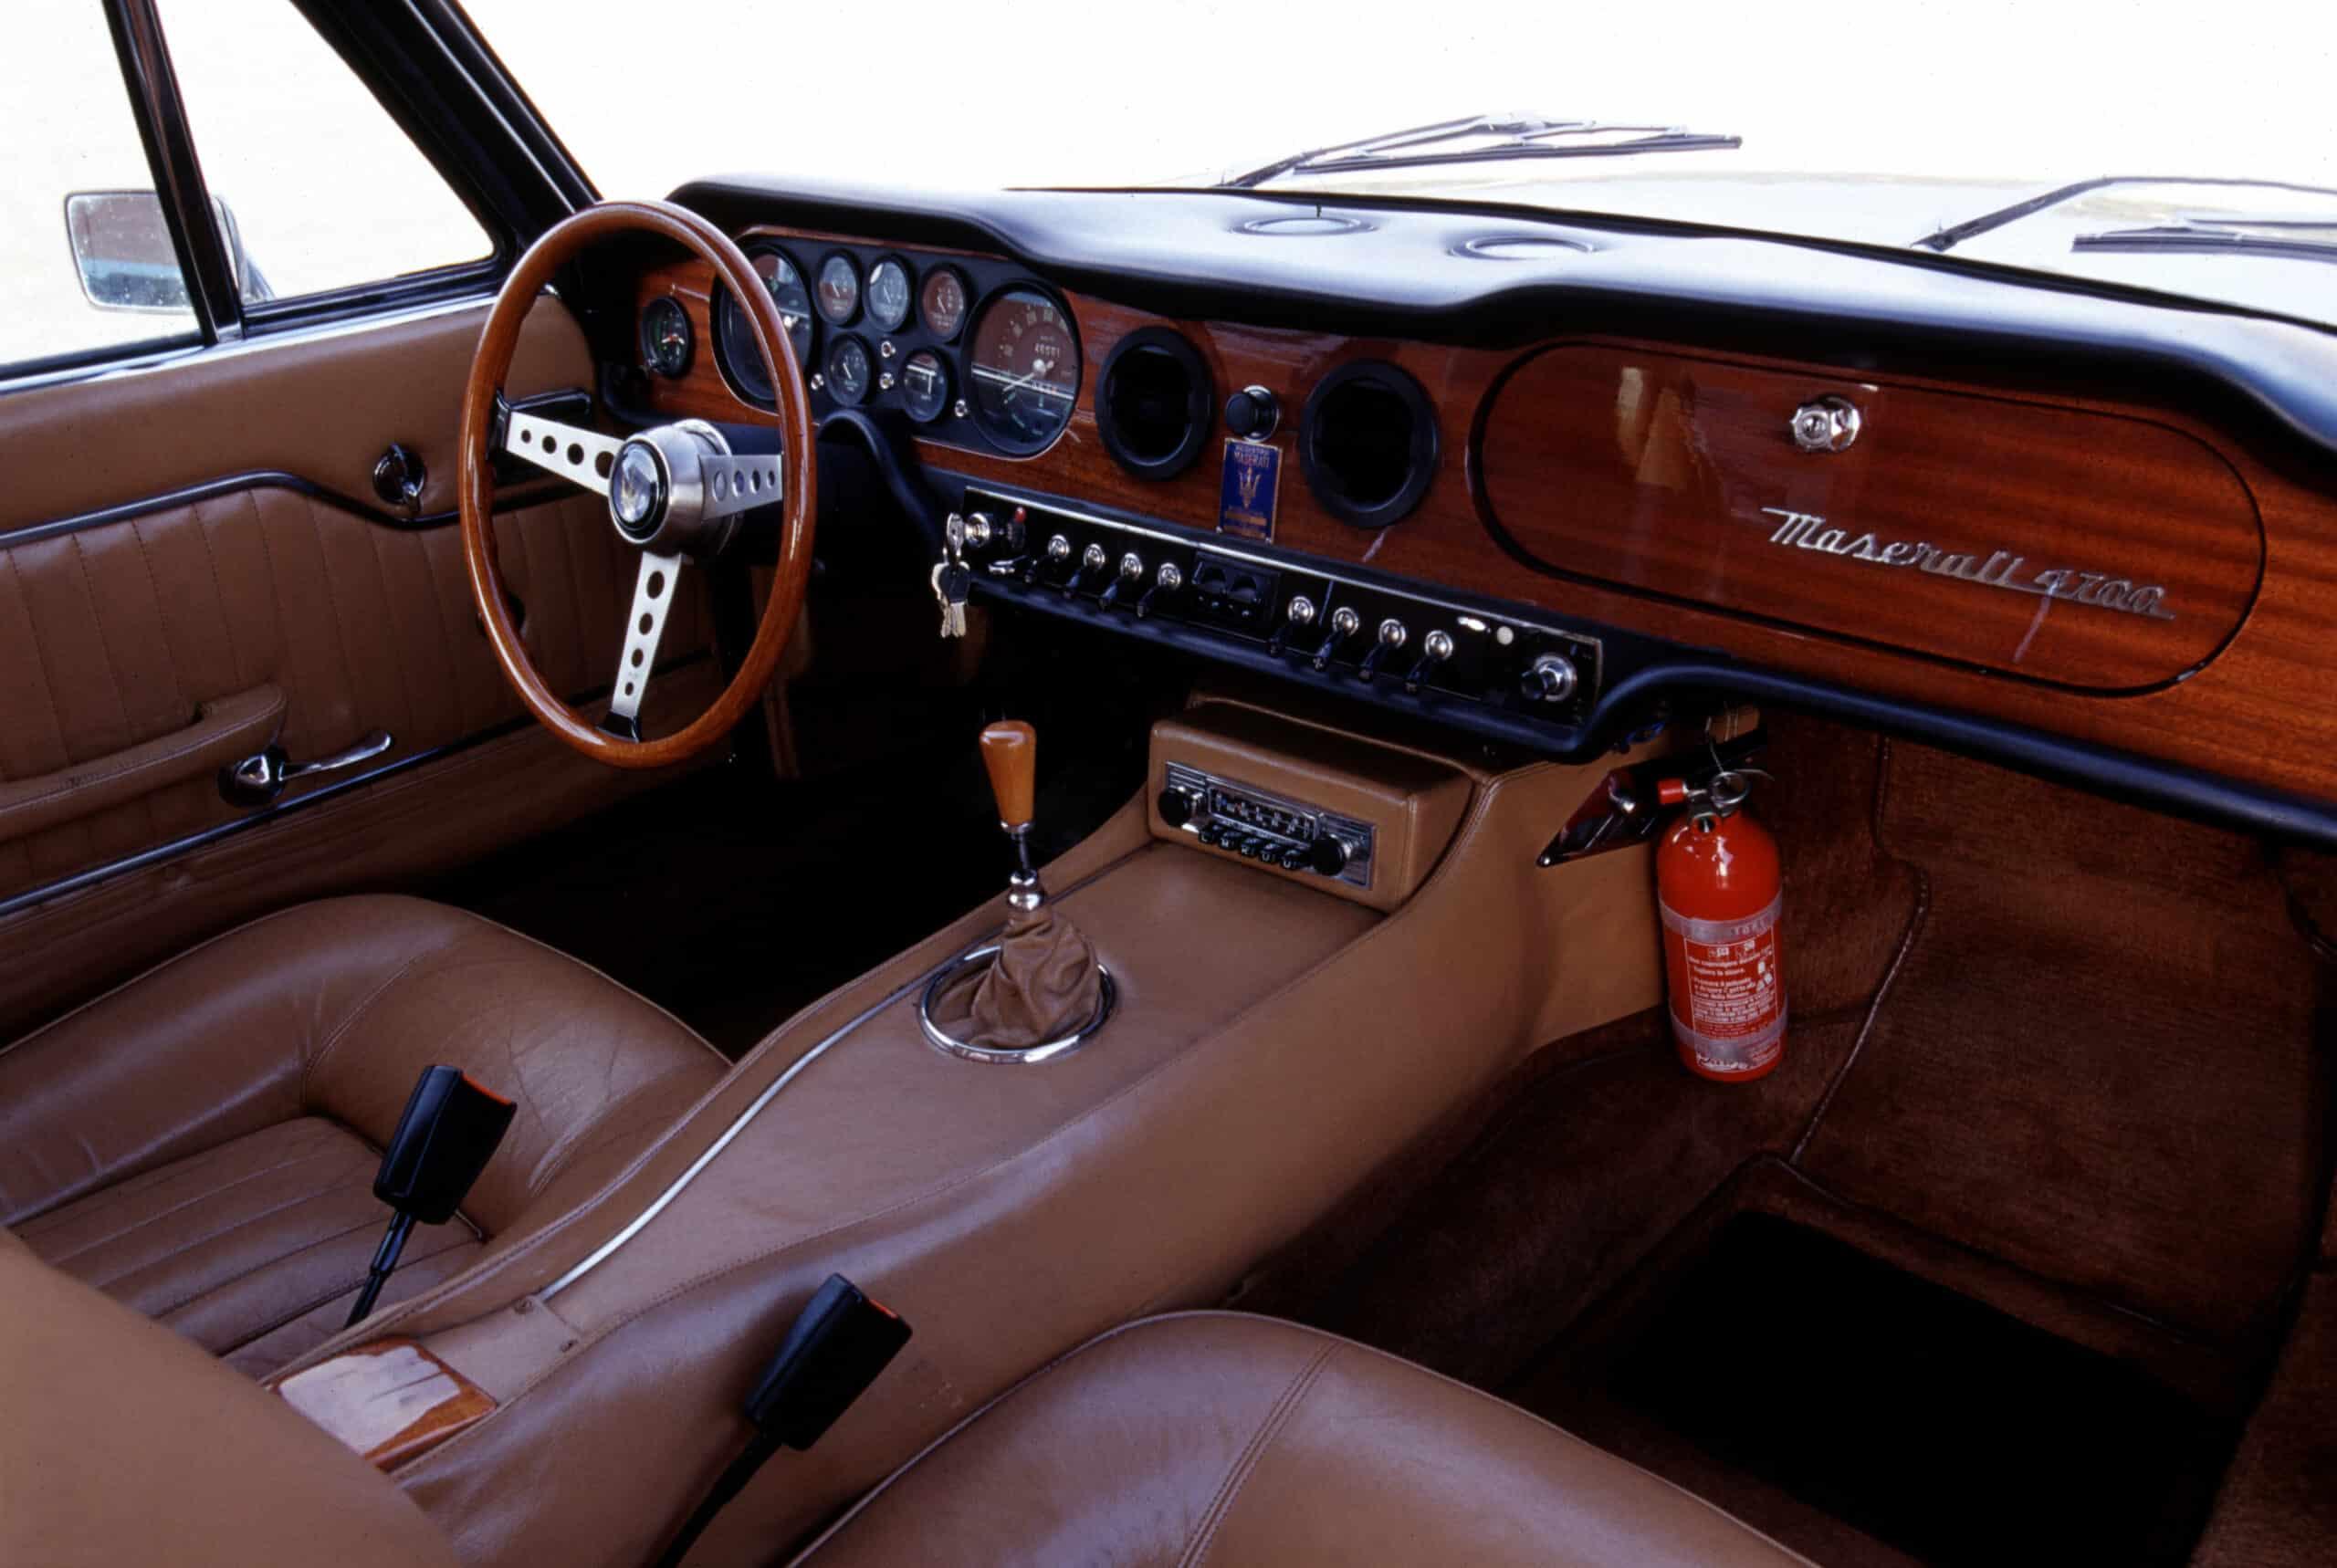 Así se ve el interior del vehículo